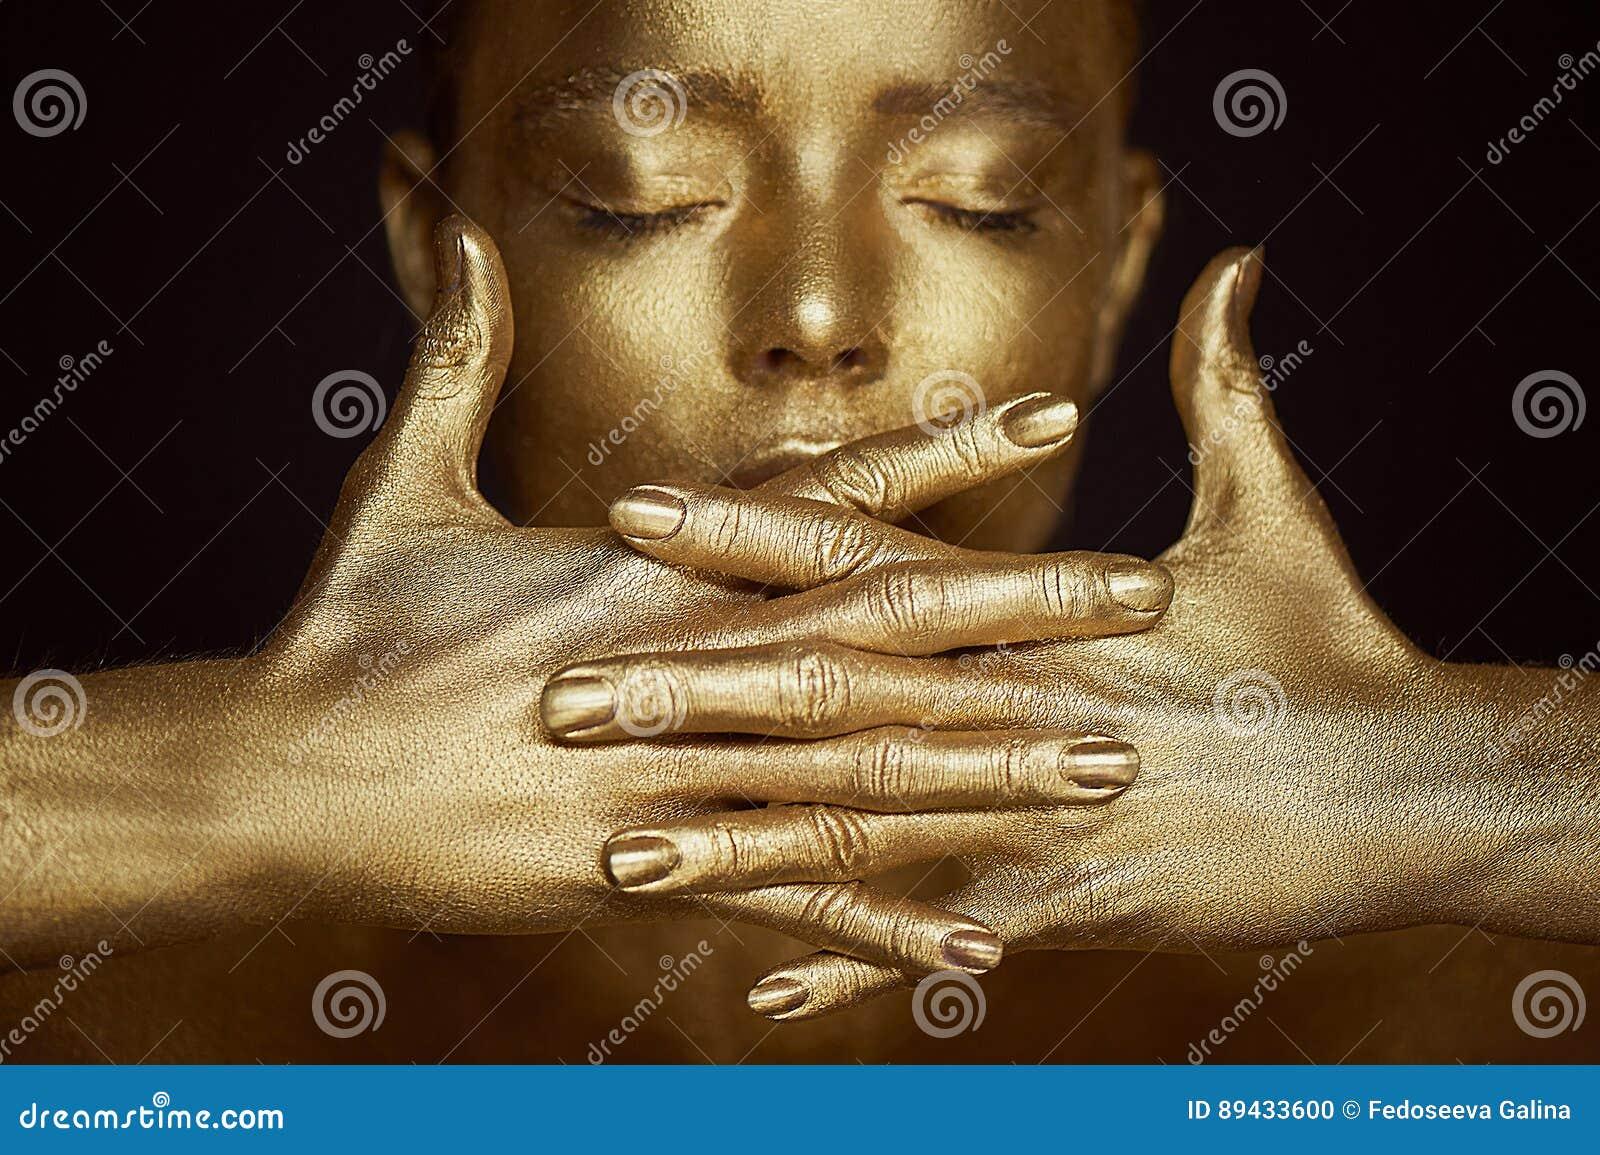 Απόκοσμα χρυσά κορίτσια πορτρέτου, χέρια κοντά στο πρόσωπο Πολύ λεπτός και θηλυκός Τα μάτια είναι κλειστά η κλίση πλαισίων δίνει